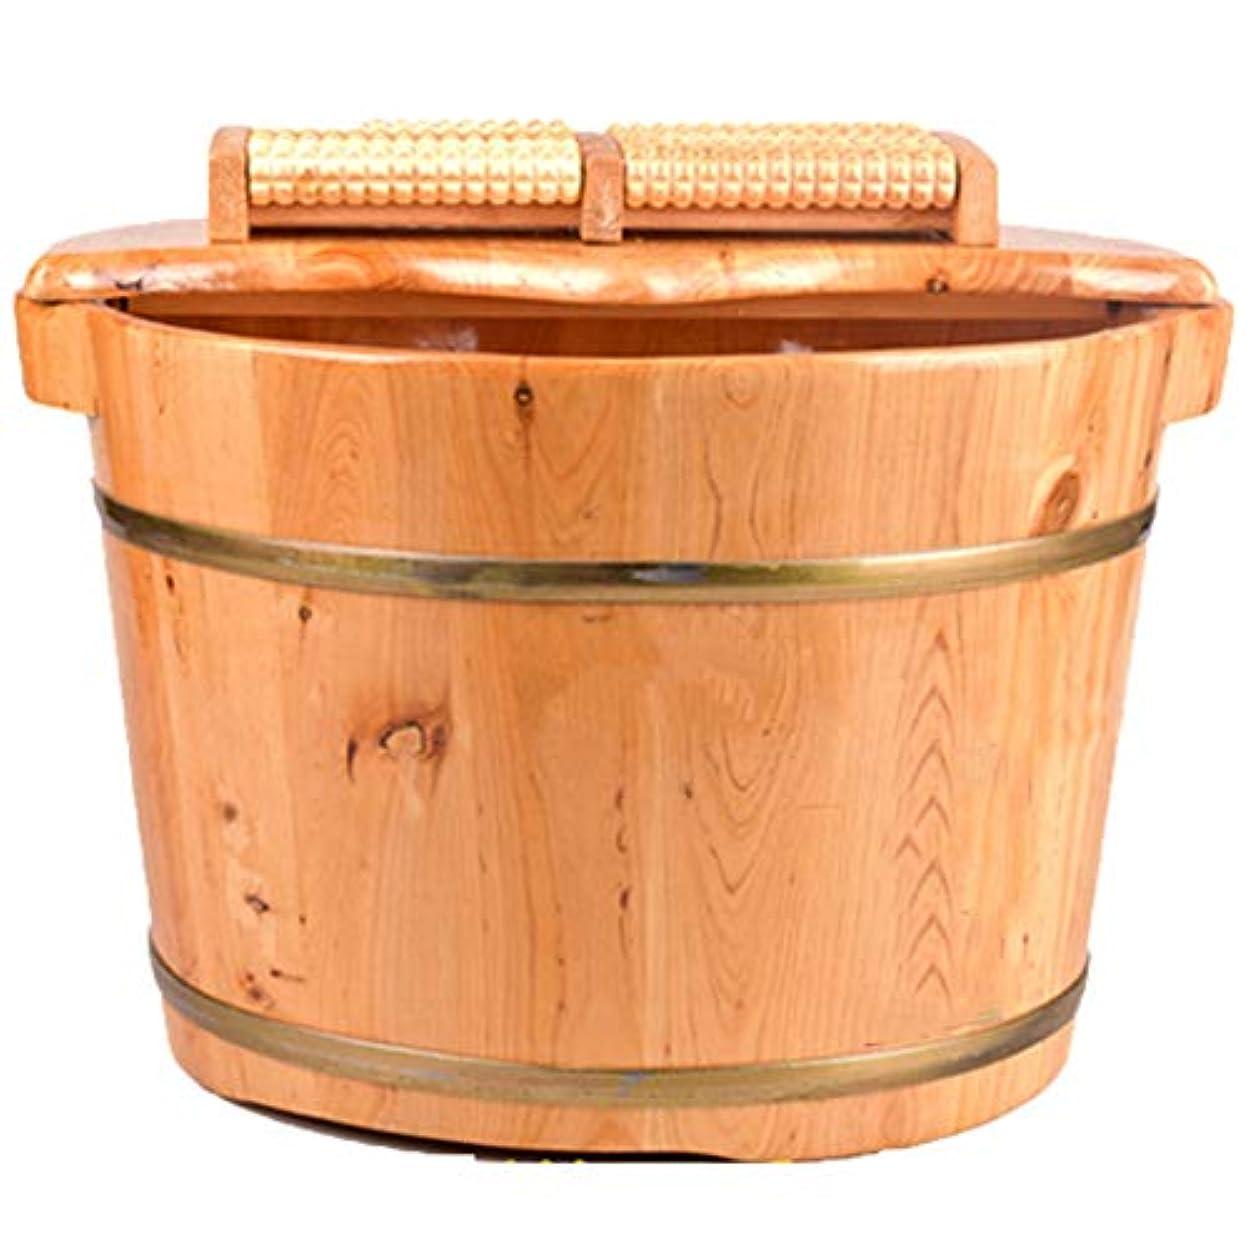 寄付谷勤勉ペディキュア盆地,軽量の木製家庭の木製の樽の足湯バスソリッドウッドの木管大人のトランペット